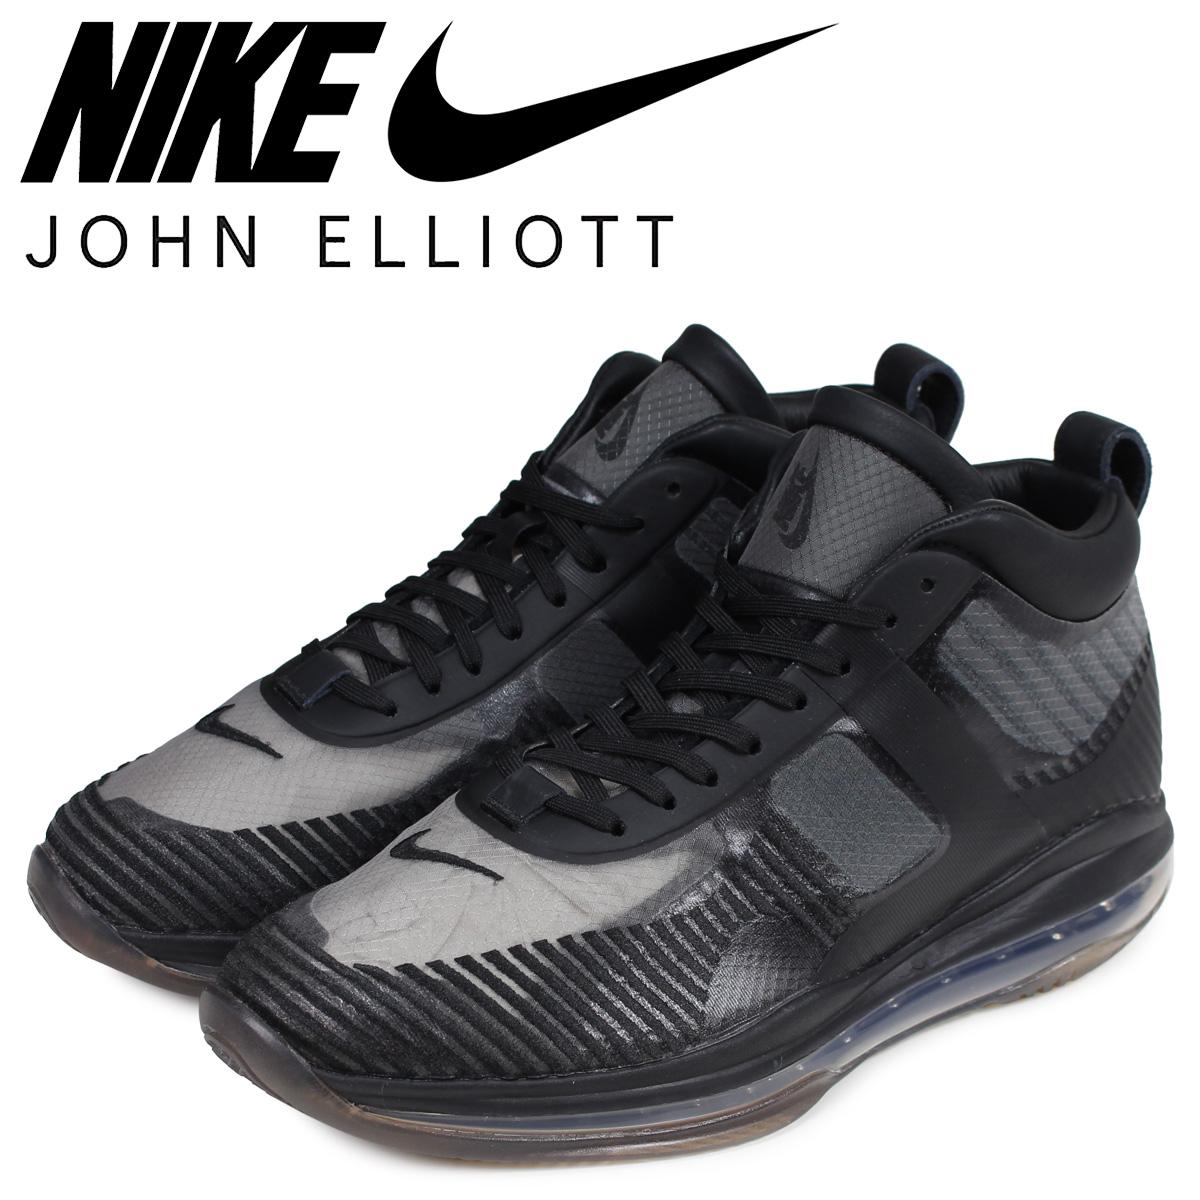 NIKE ナイキ レブロン 10 スニーカー メンズ ジョン エリオット JOHN ELLIOTT LEBRON 10 JE ICON コラボ ブラック 黒 AQ0114-001